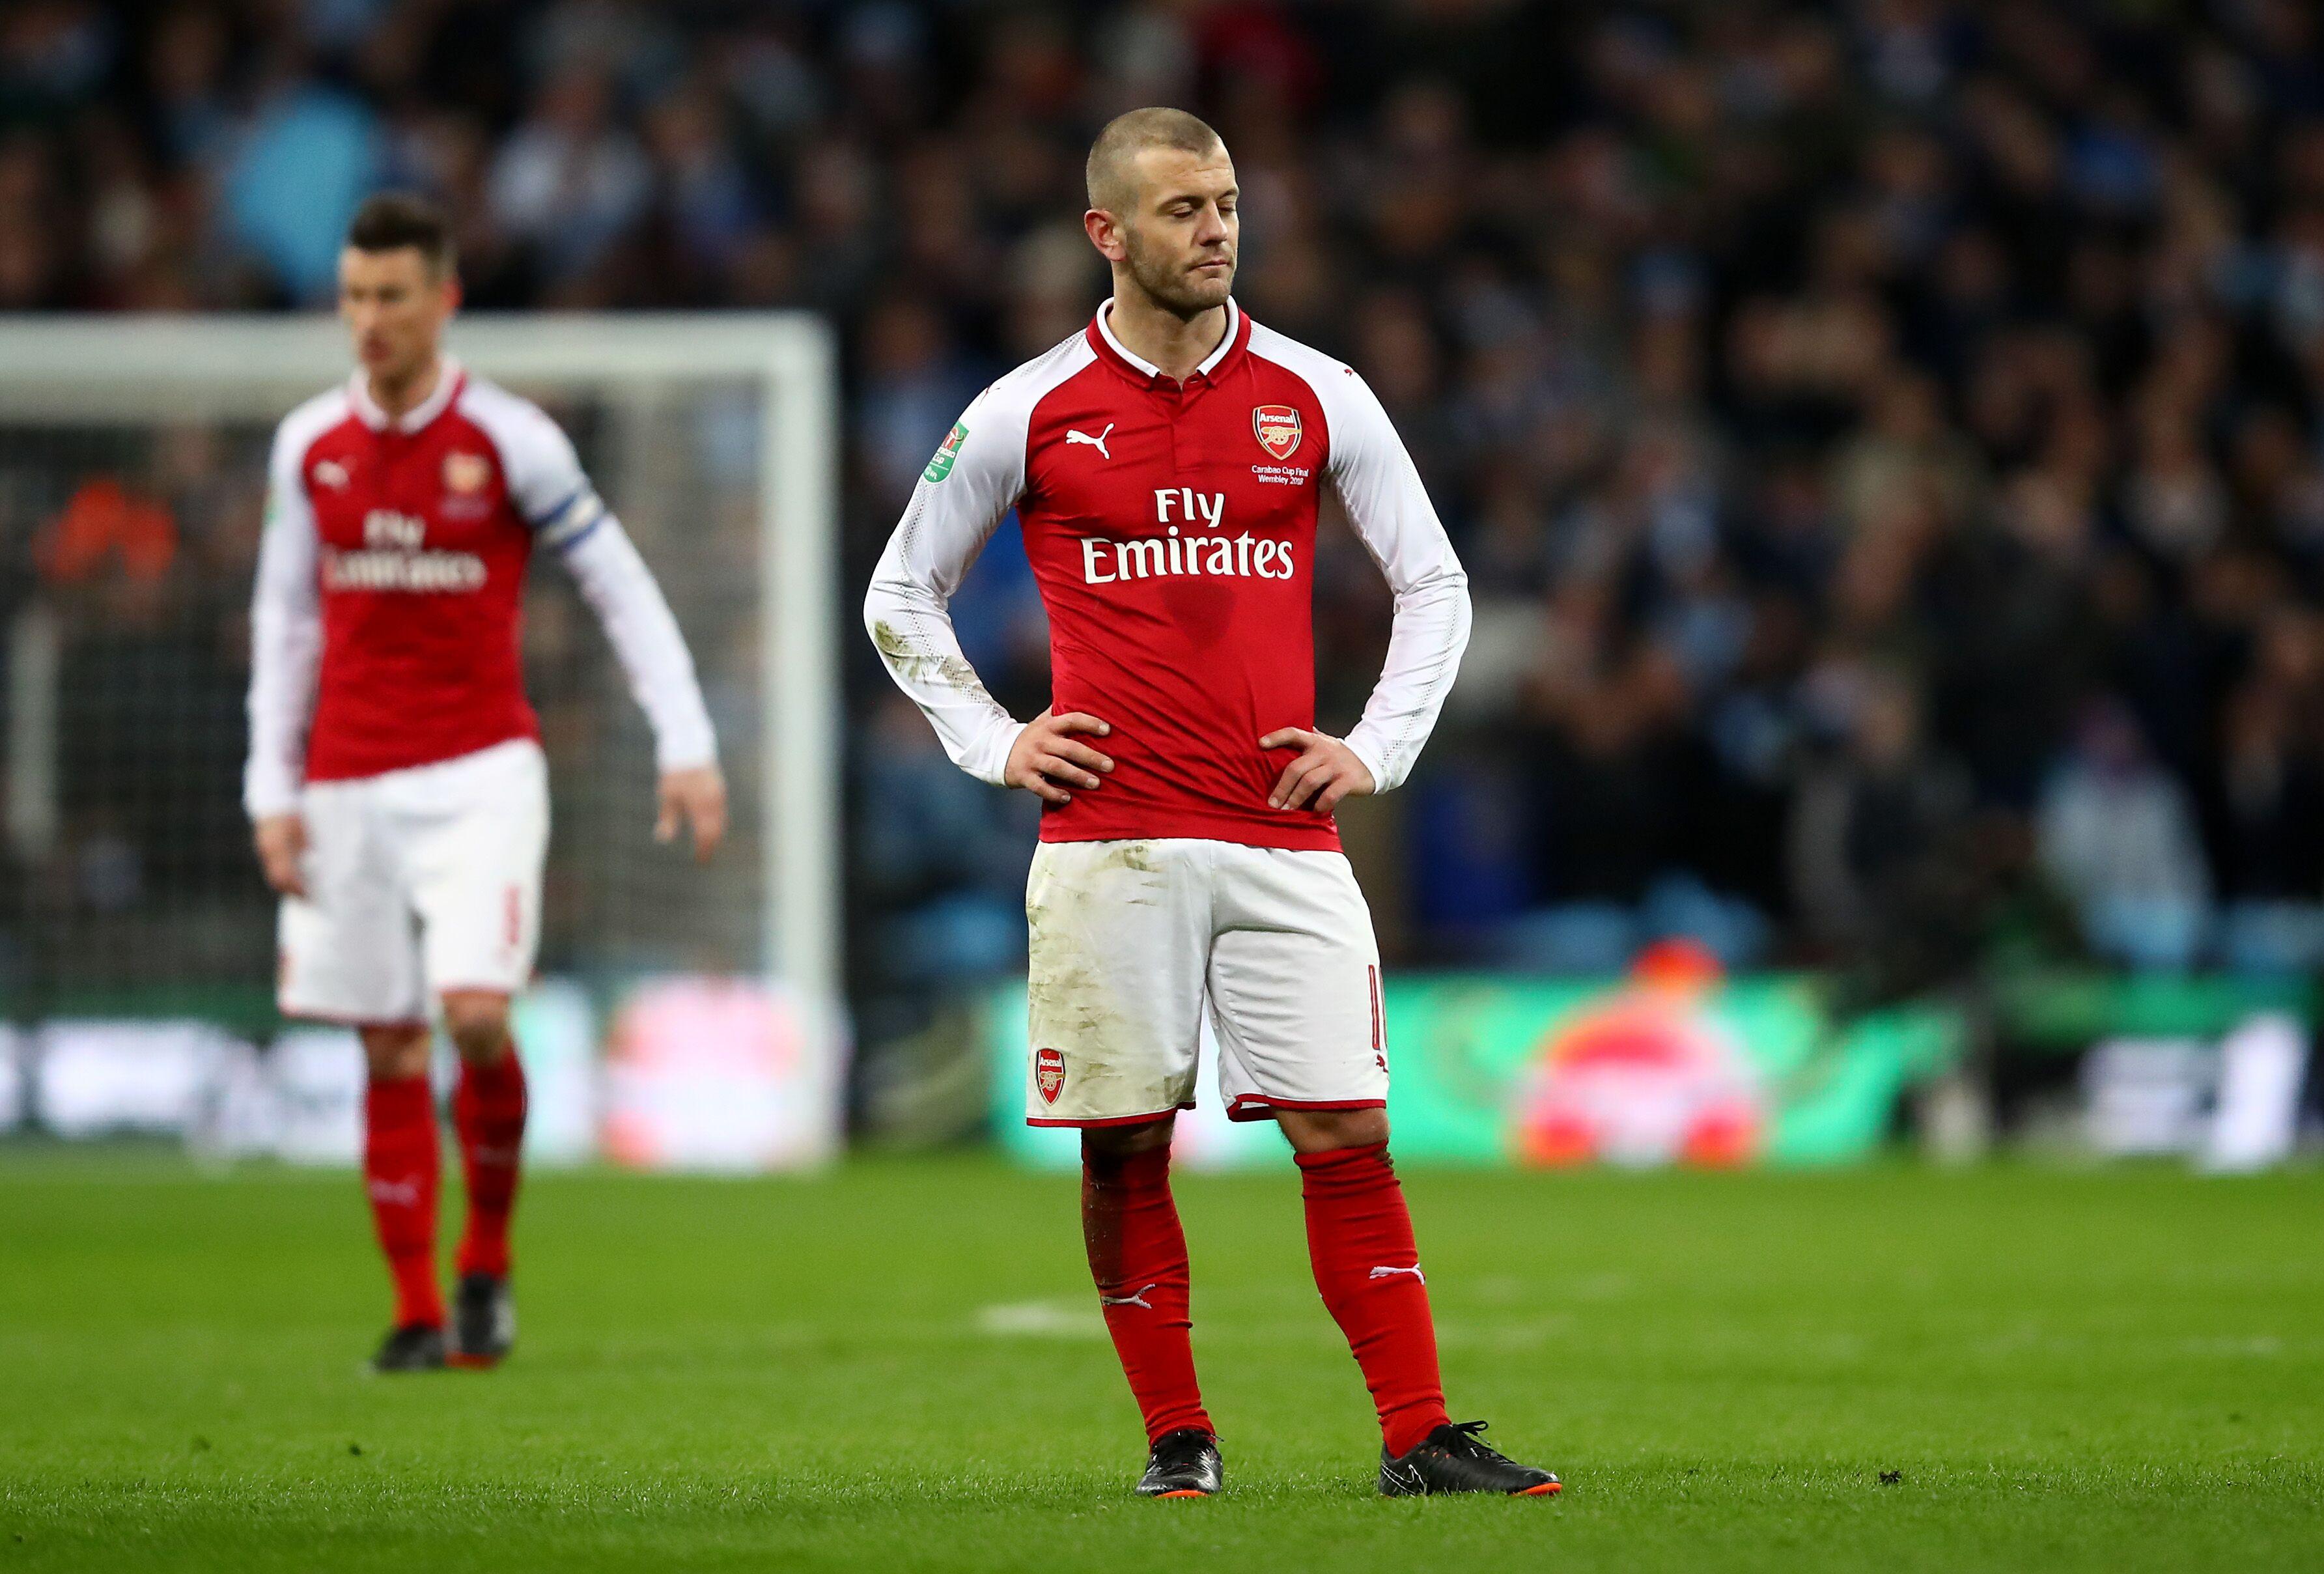 Jack Wilshere ataka uhakika wa namba ili abaki Arsenal